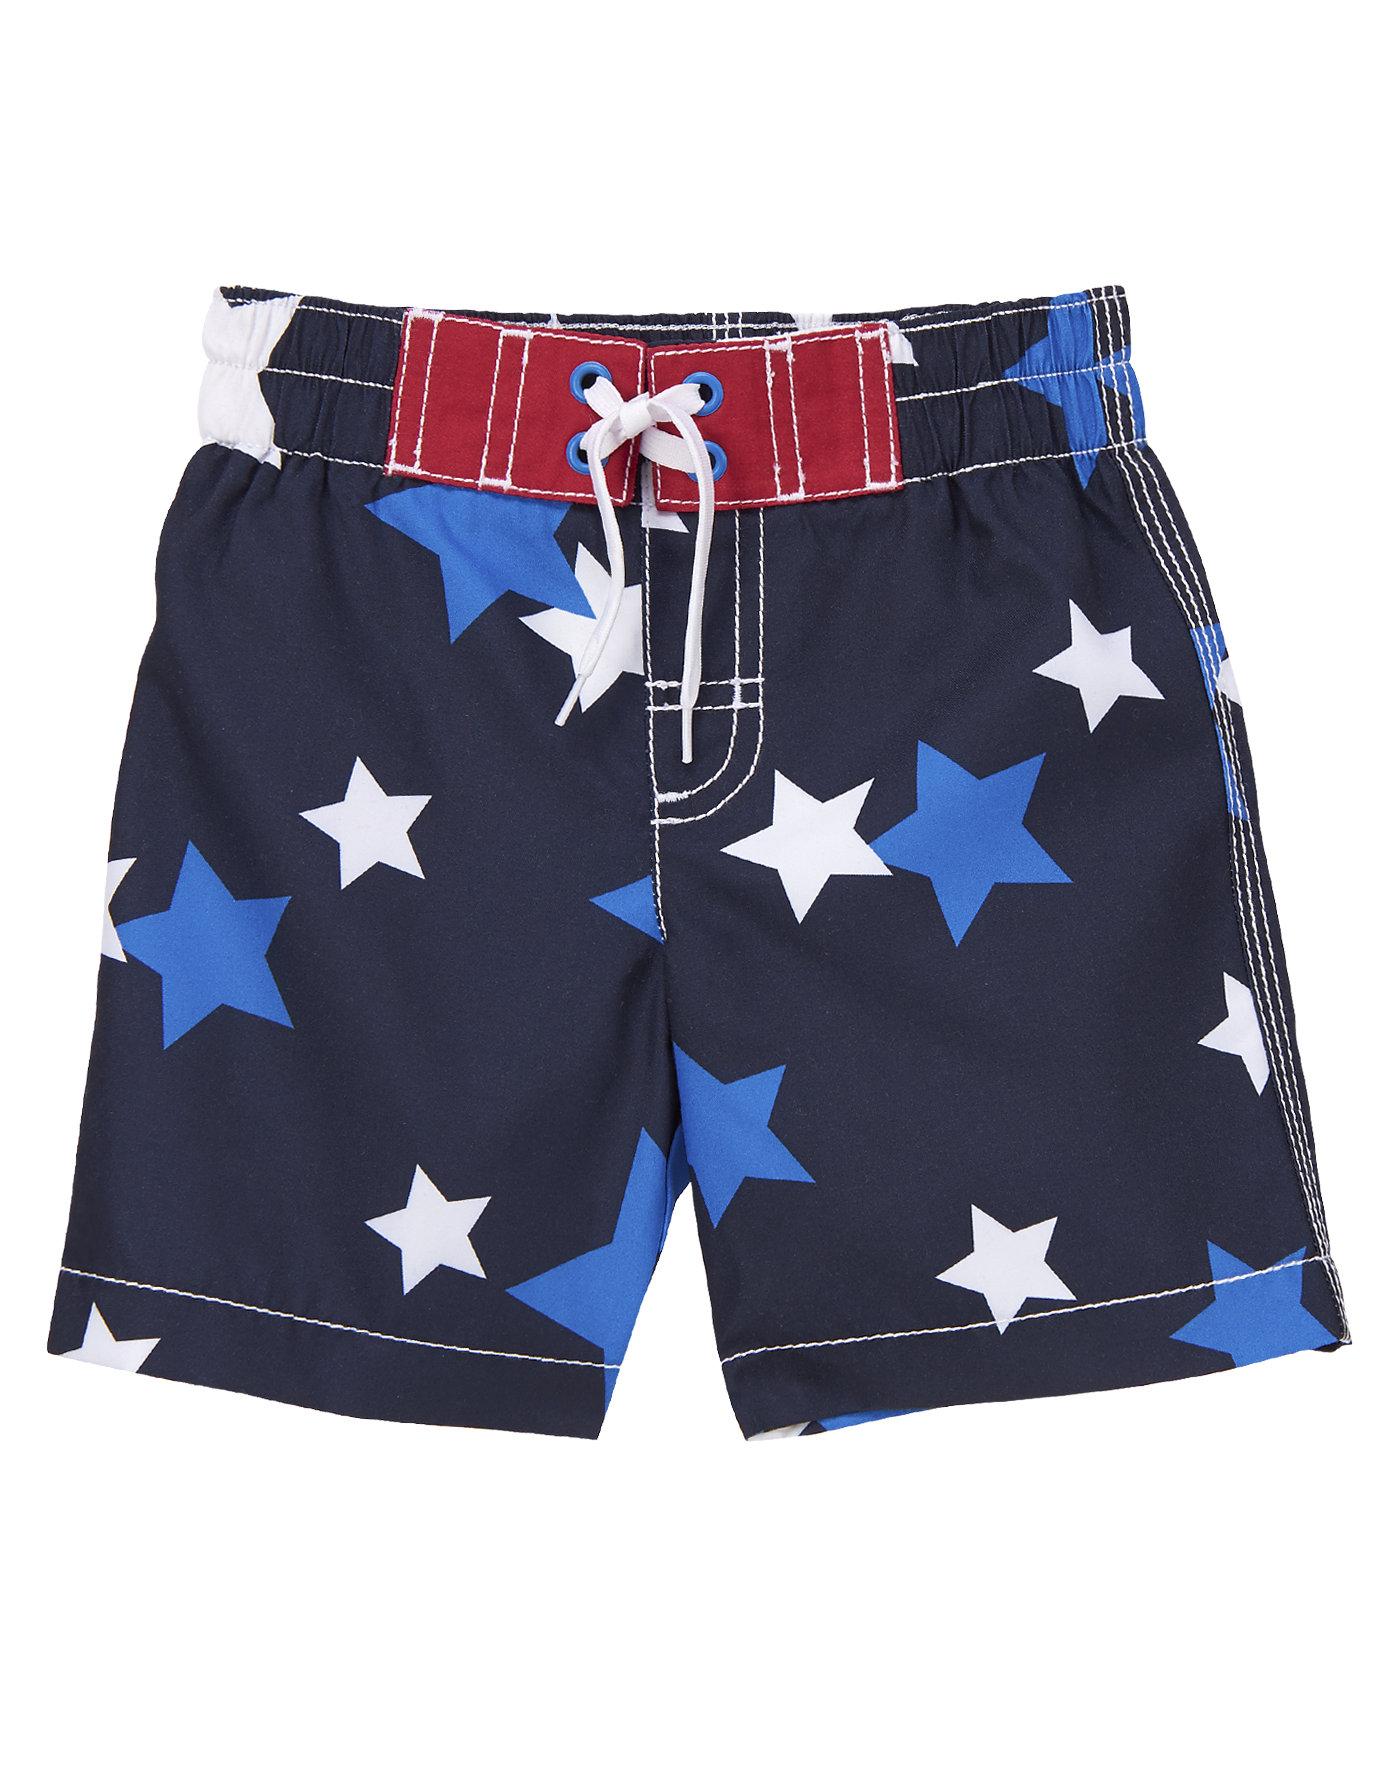 Star Swim Trunks